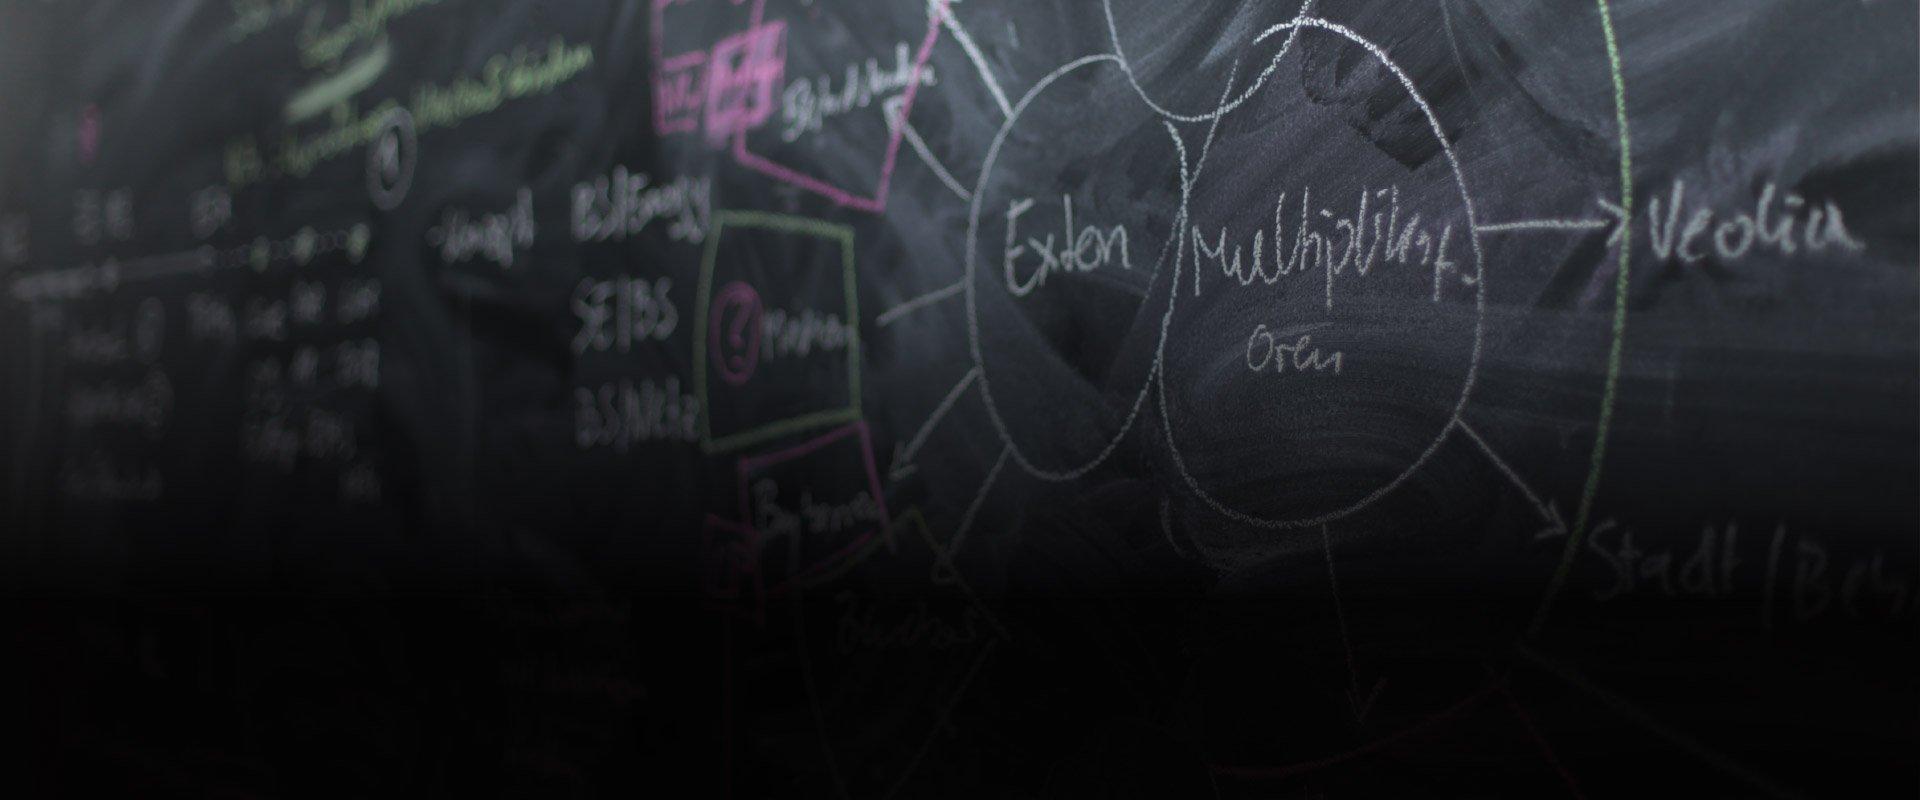 Tafel mit bunter Ideensammlung